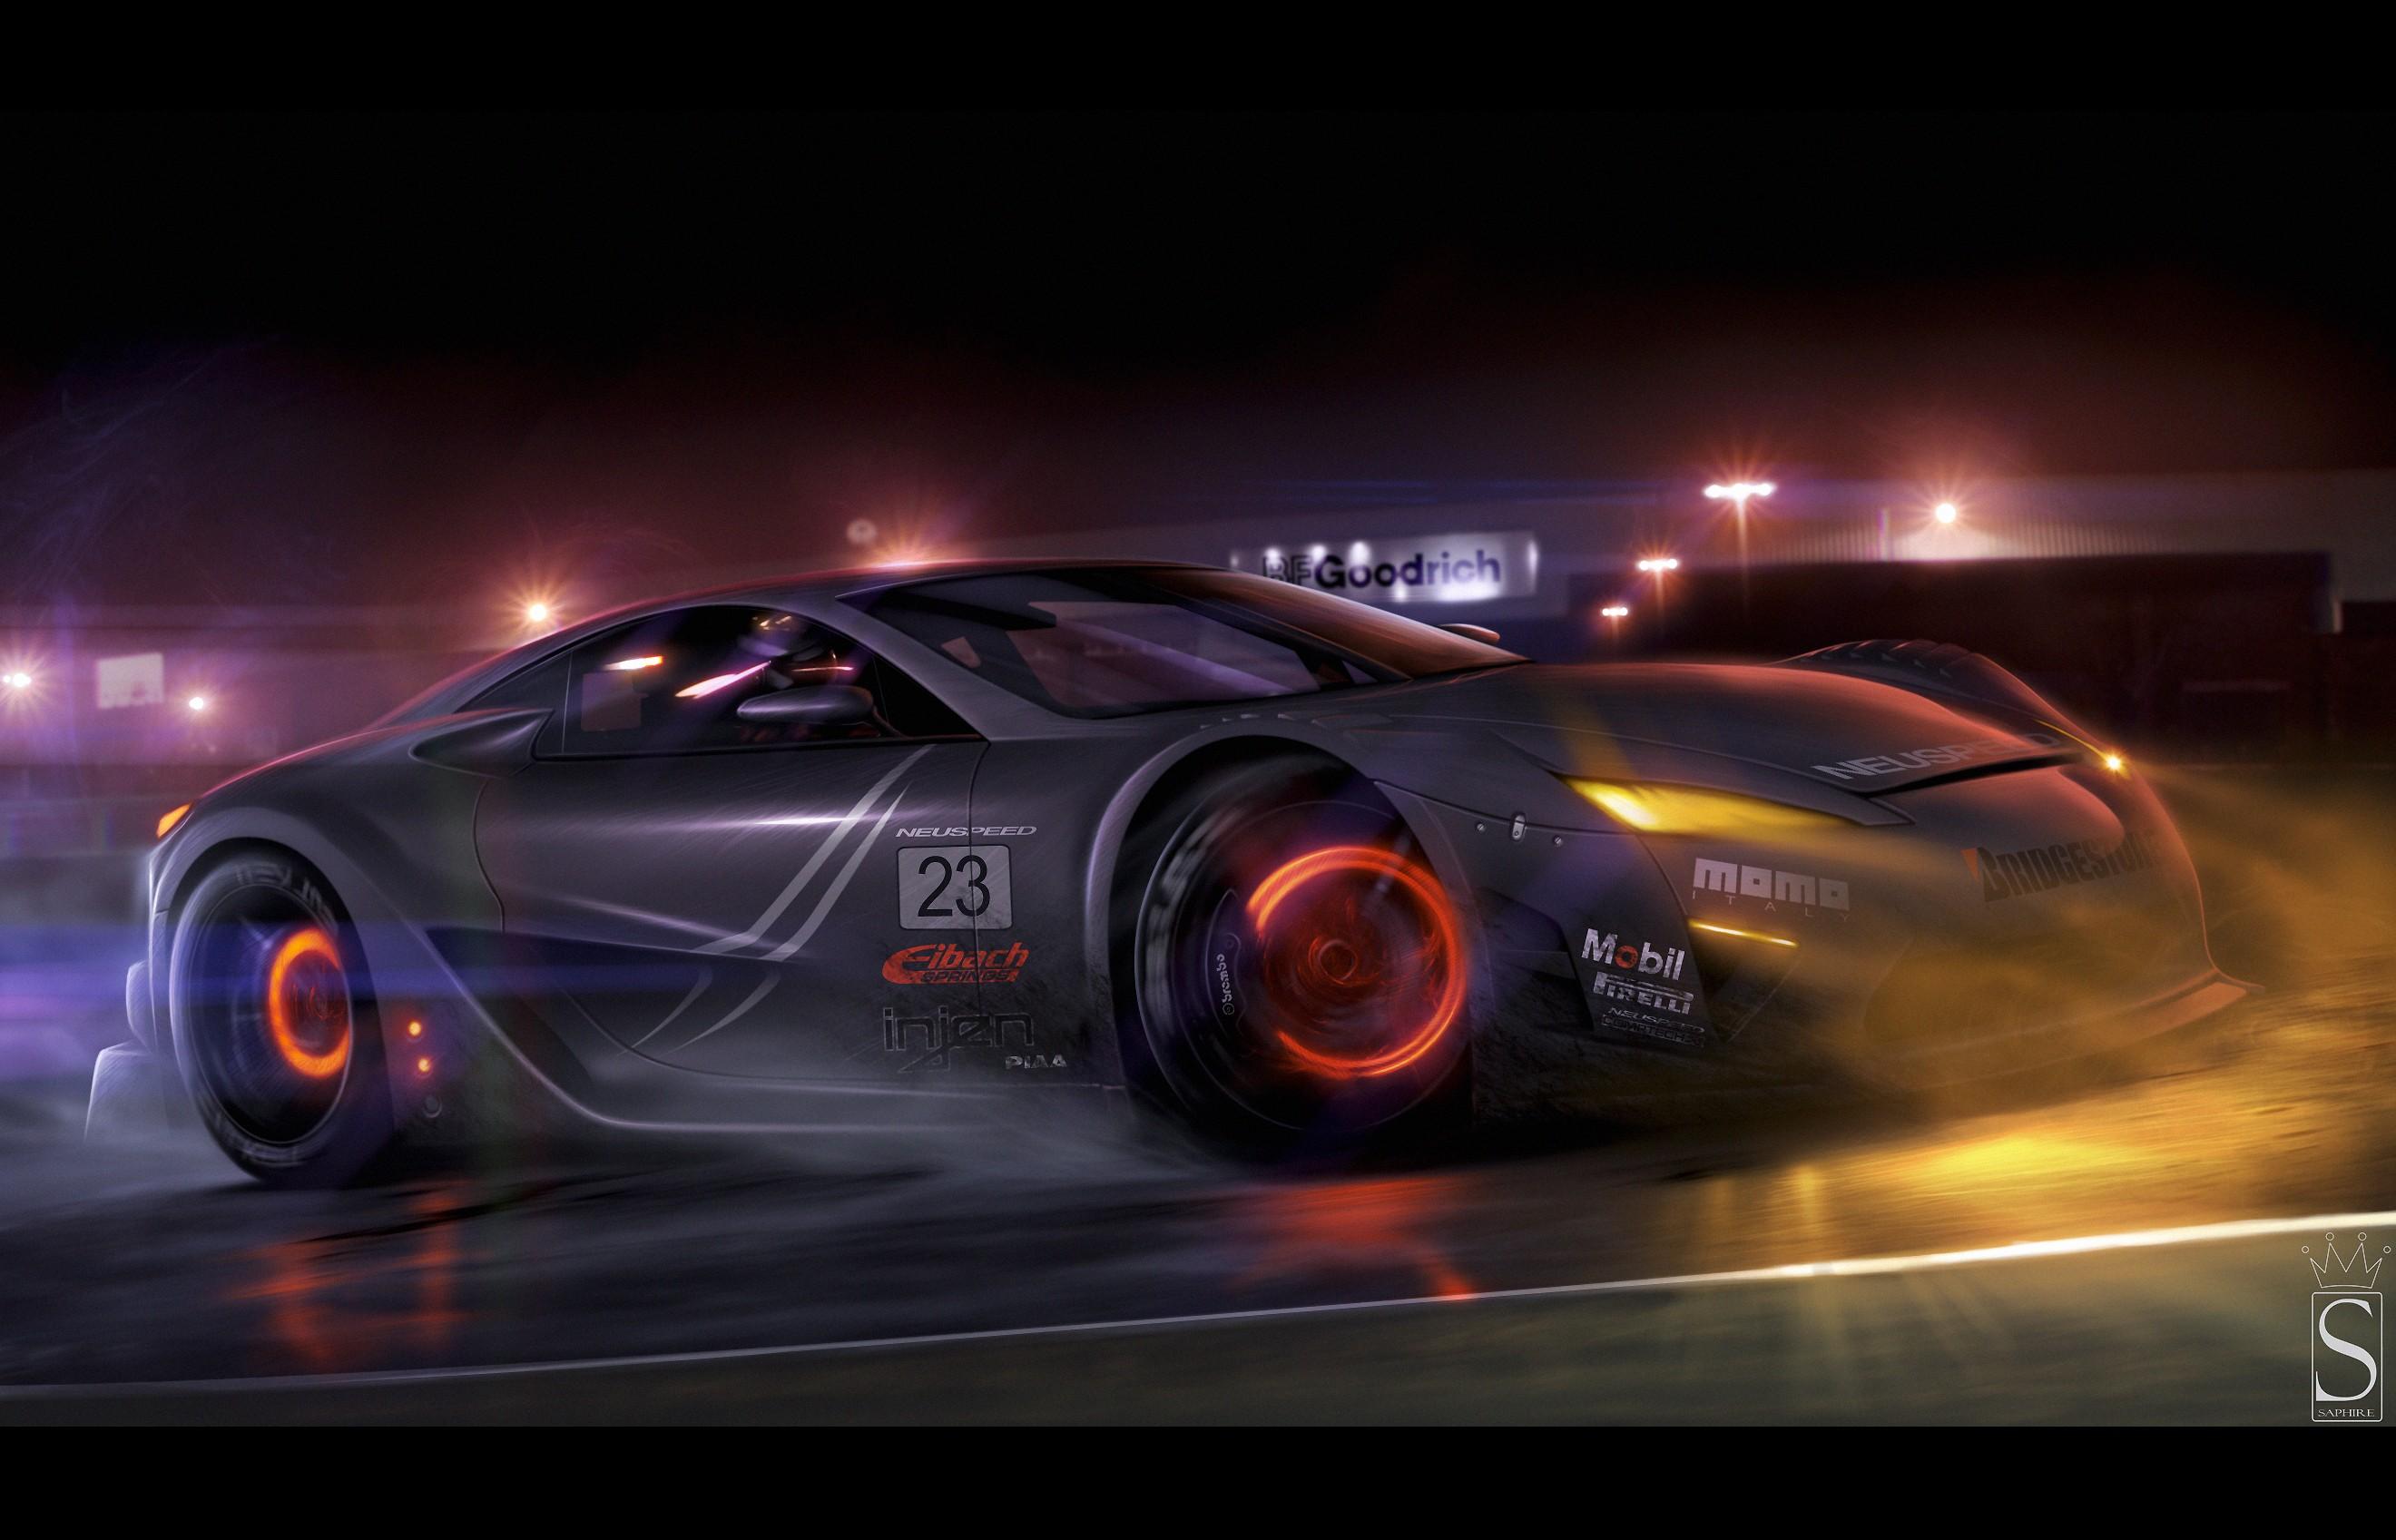 Hình nền : nghệ thuật số, xe hơi, xe thể thao, Điều chỉnh, Xe hiệu suất, Siêu xe, Ảnh chụp màn hình, Hình nền máy tính, Xe đất, Thiết kế ô tô, ...